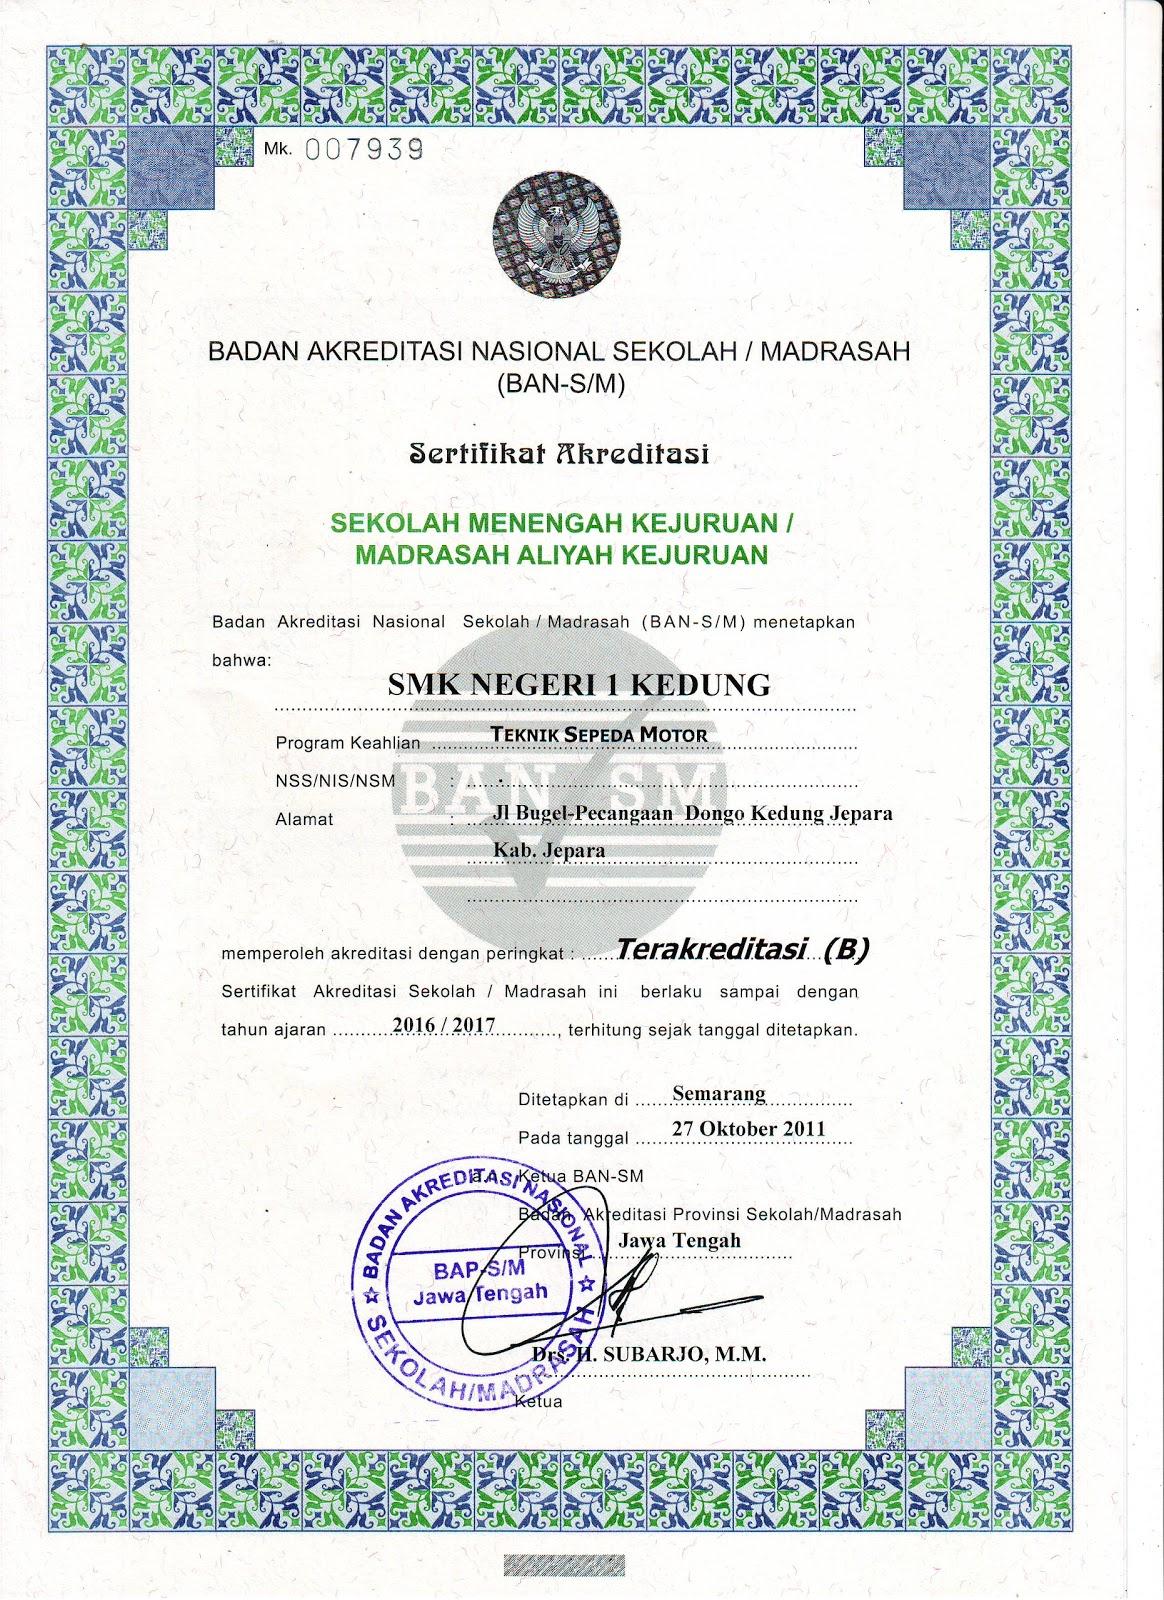 Contoh Laporan Prakerin Smk 3 Semarang Jurusan Teknik  Review Ebooks